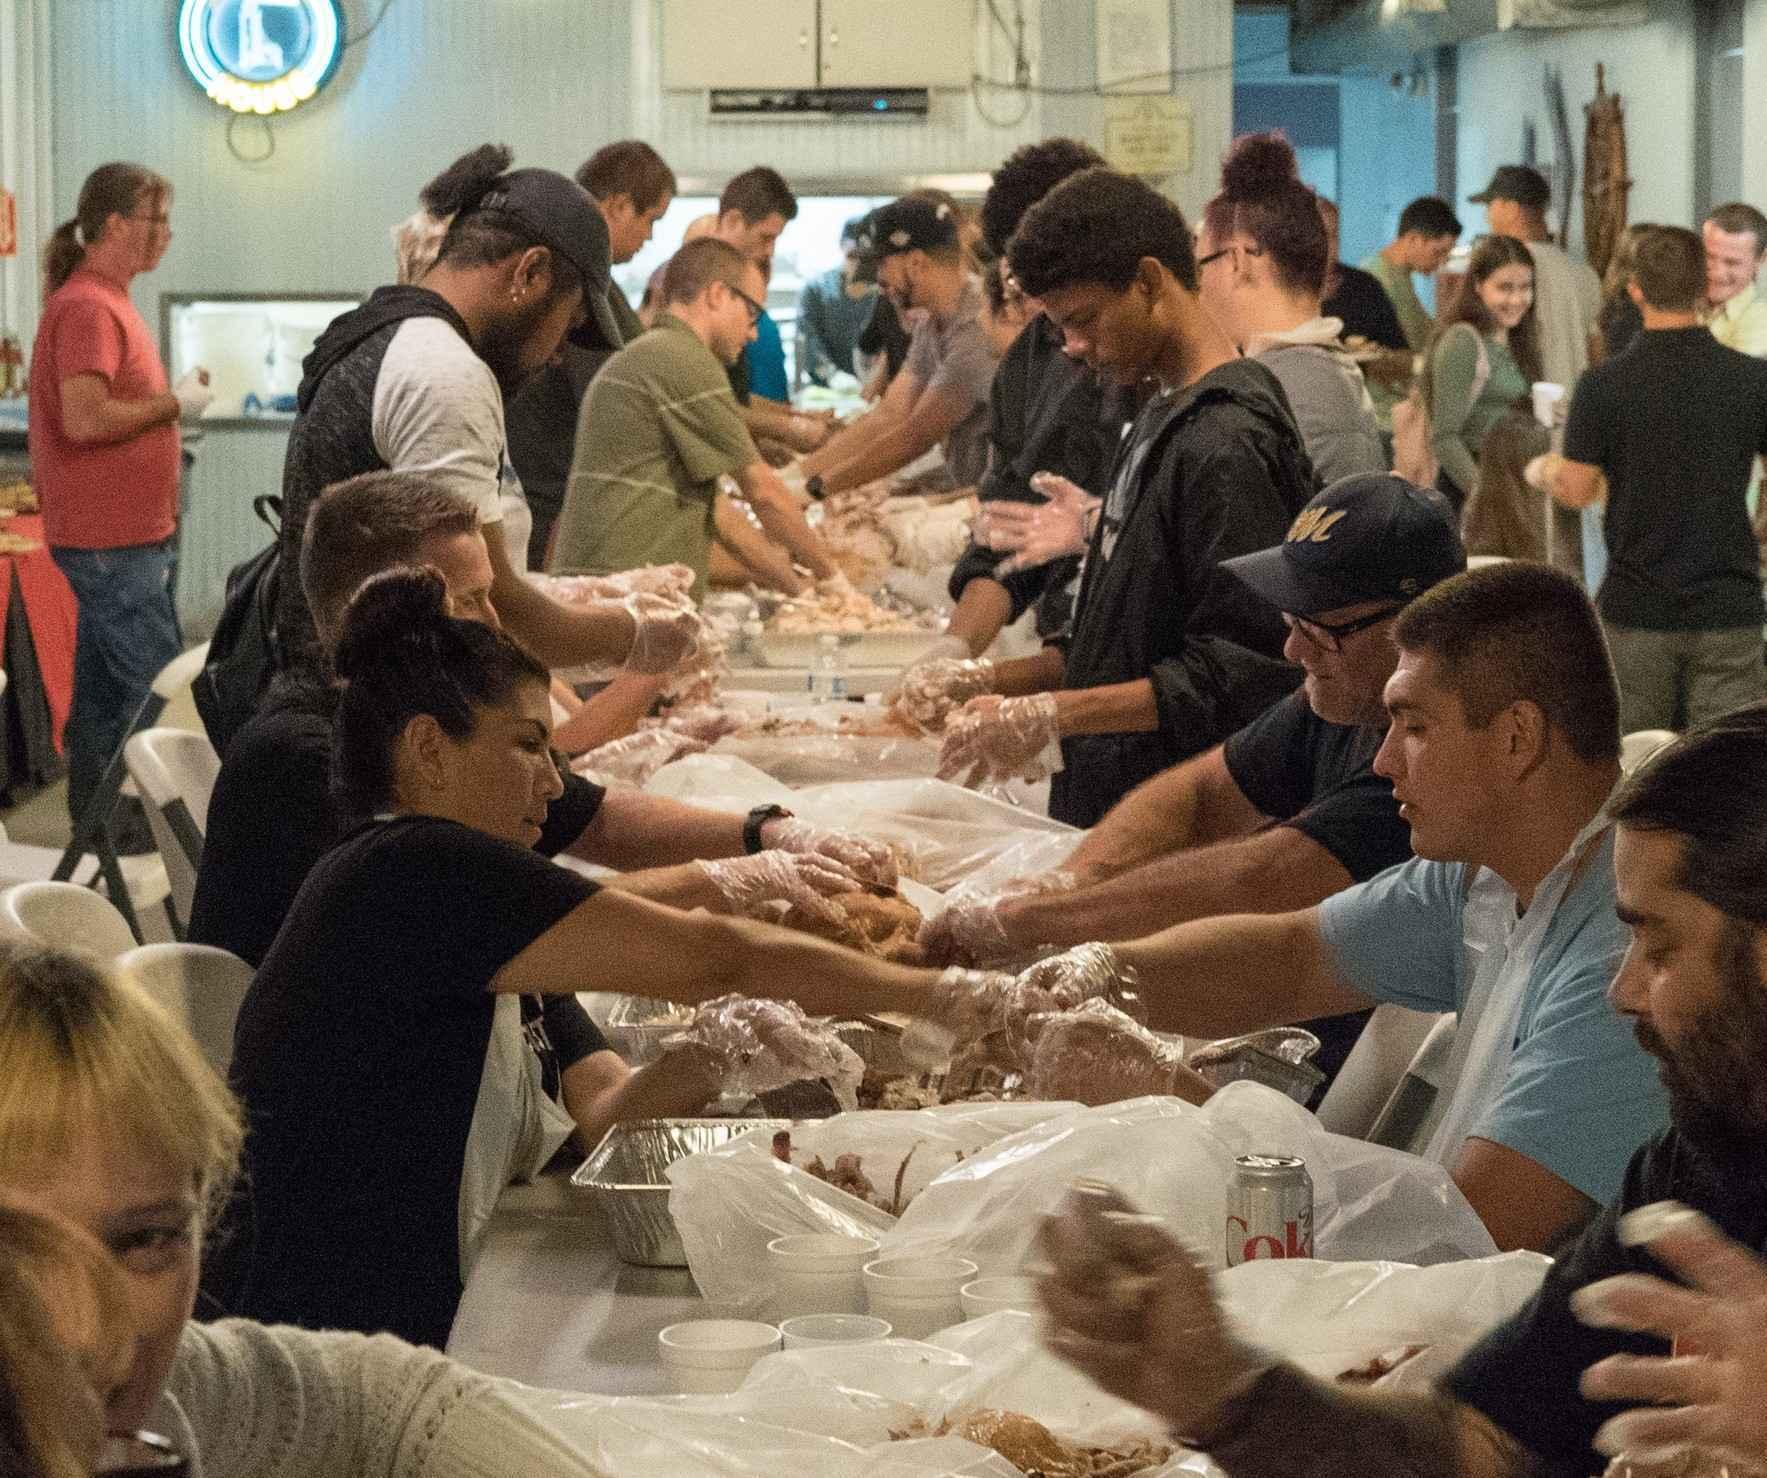 Thanksgiving Community Dinner 2019 image